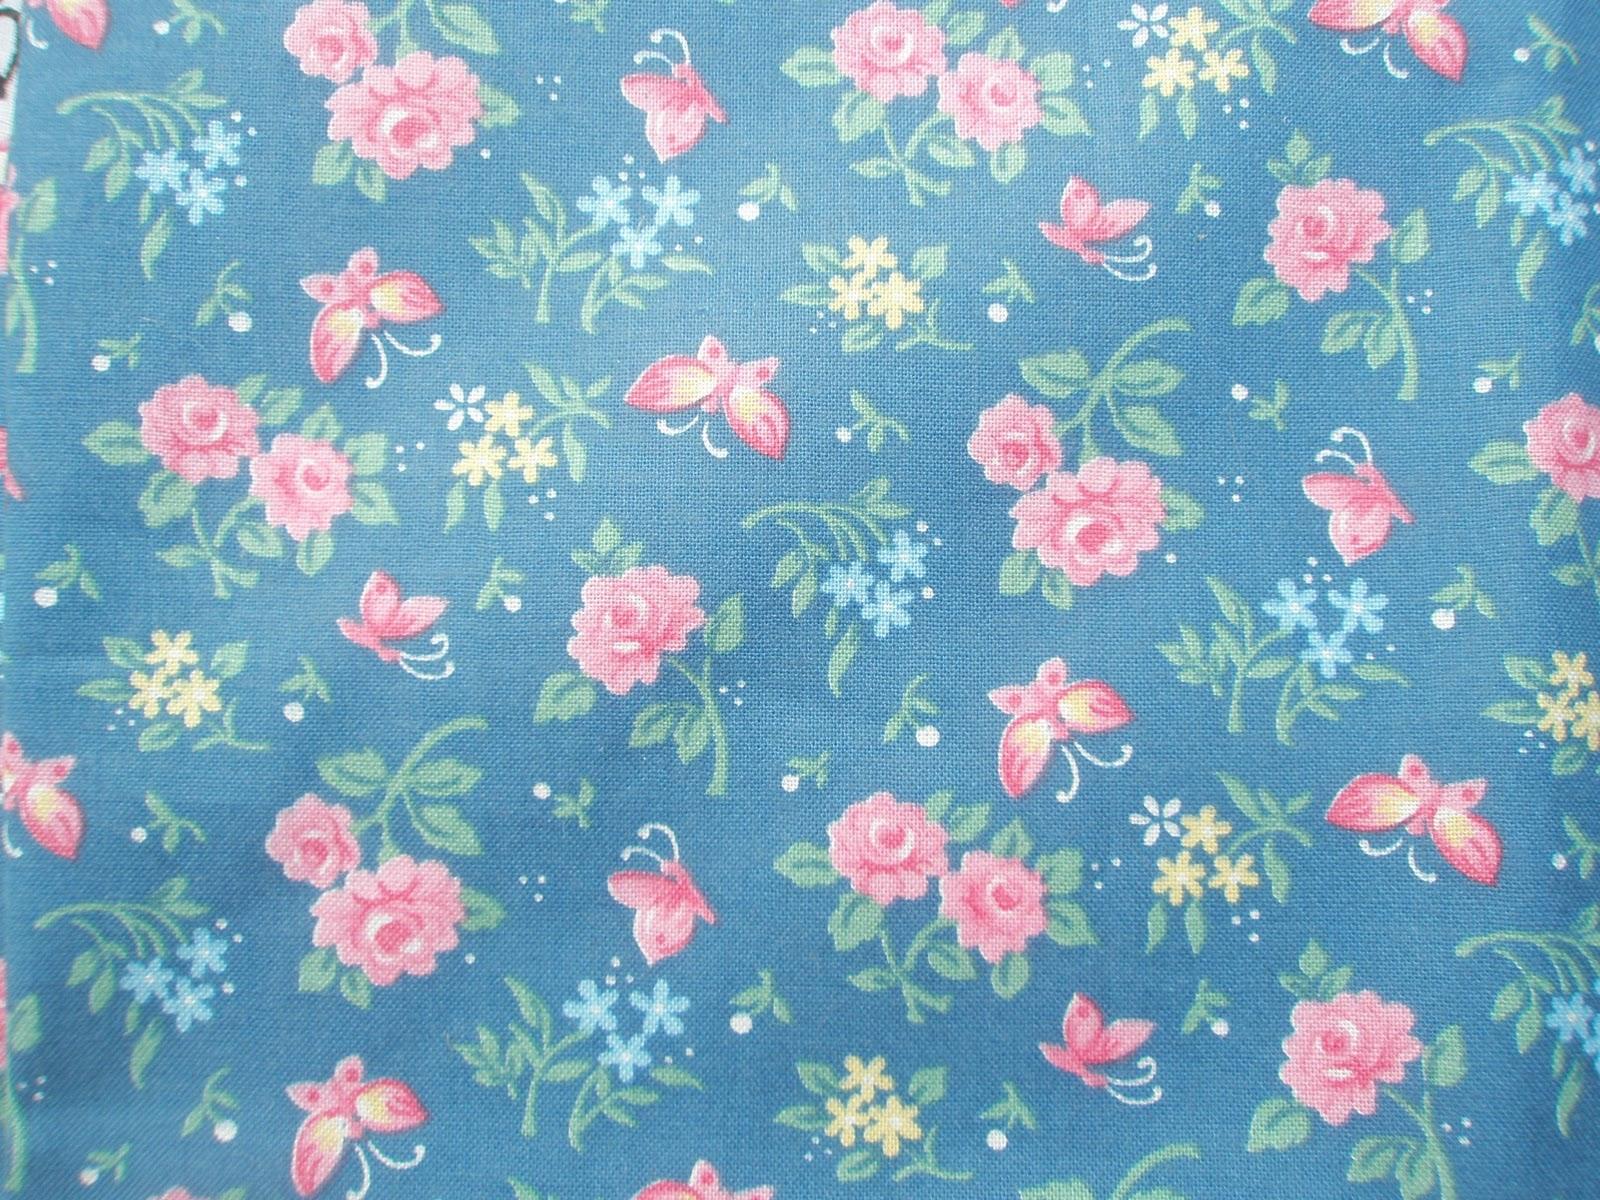 Pink vintage pattern backgrounds